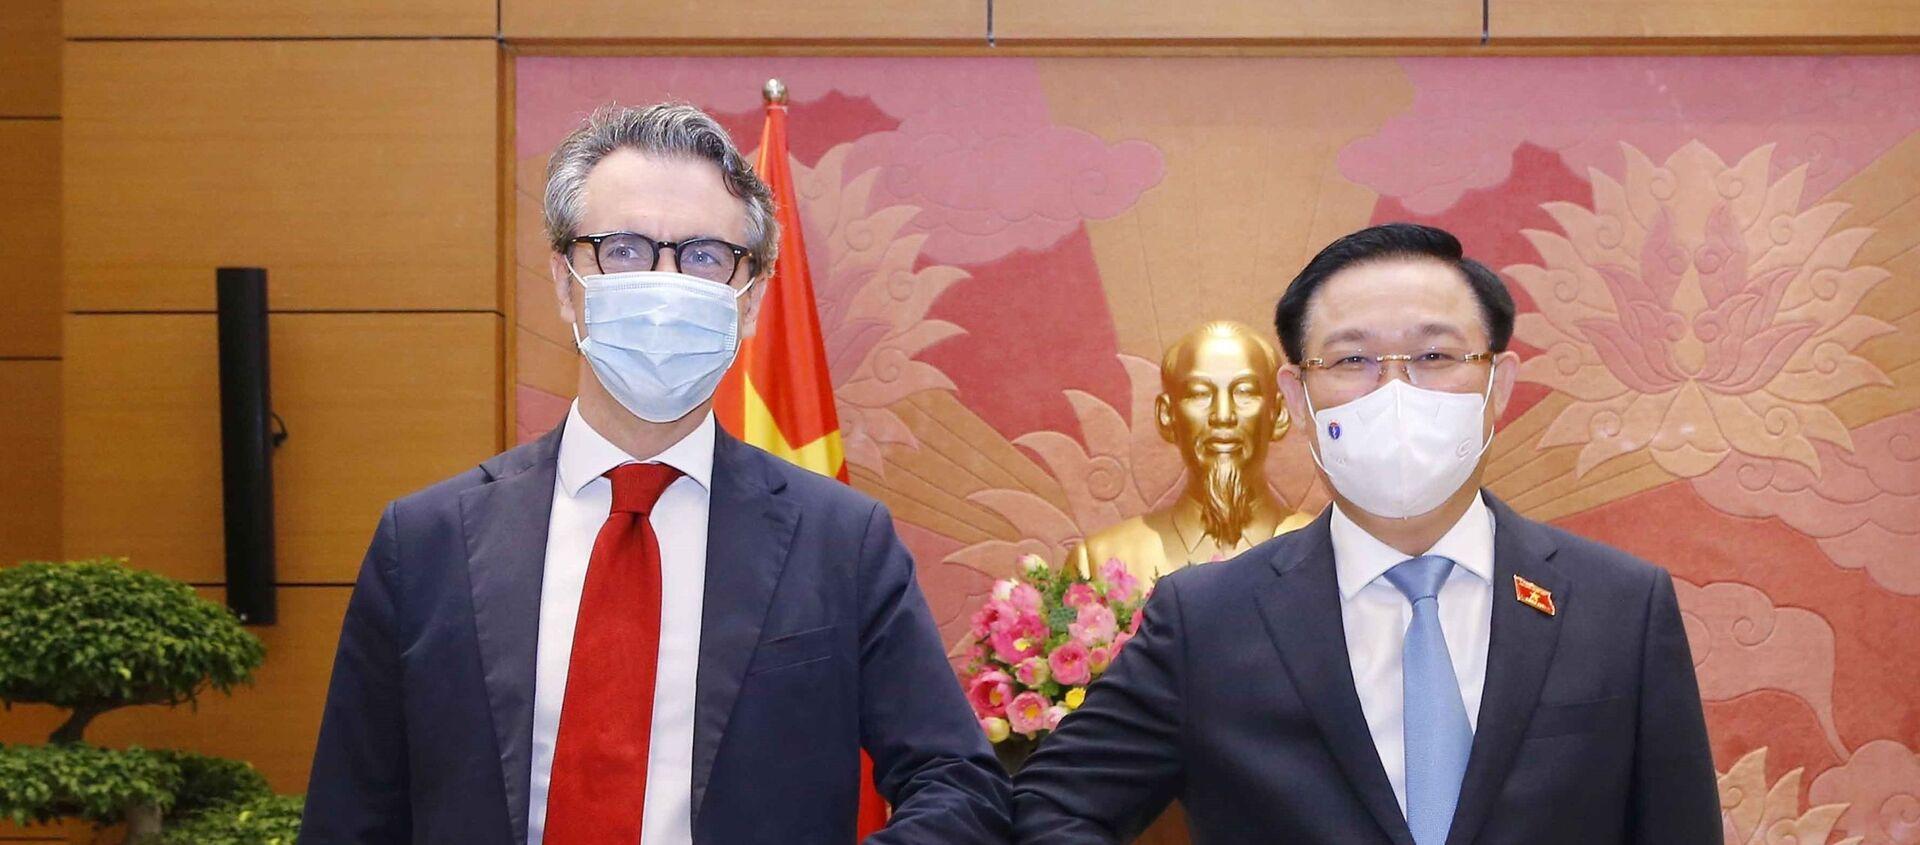 Chủ tịch Quốc hội Vương Đình Huệ tiếp Đại sứ EU tại Việt Nam. - Sputnik Việt Nam, 1920, 21.05.2021